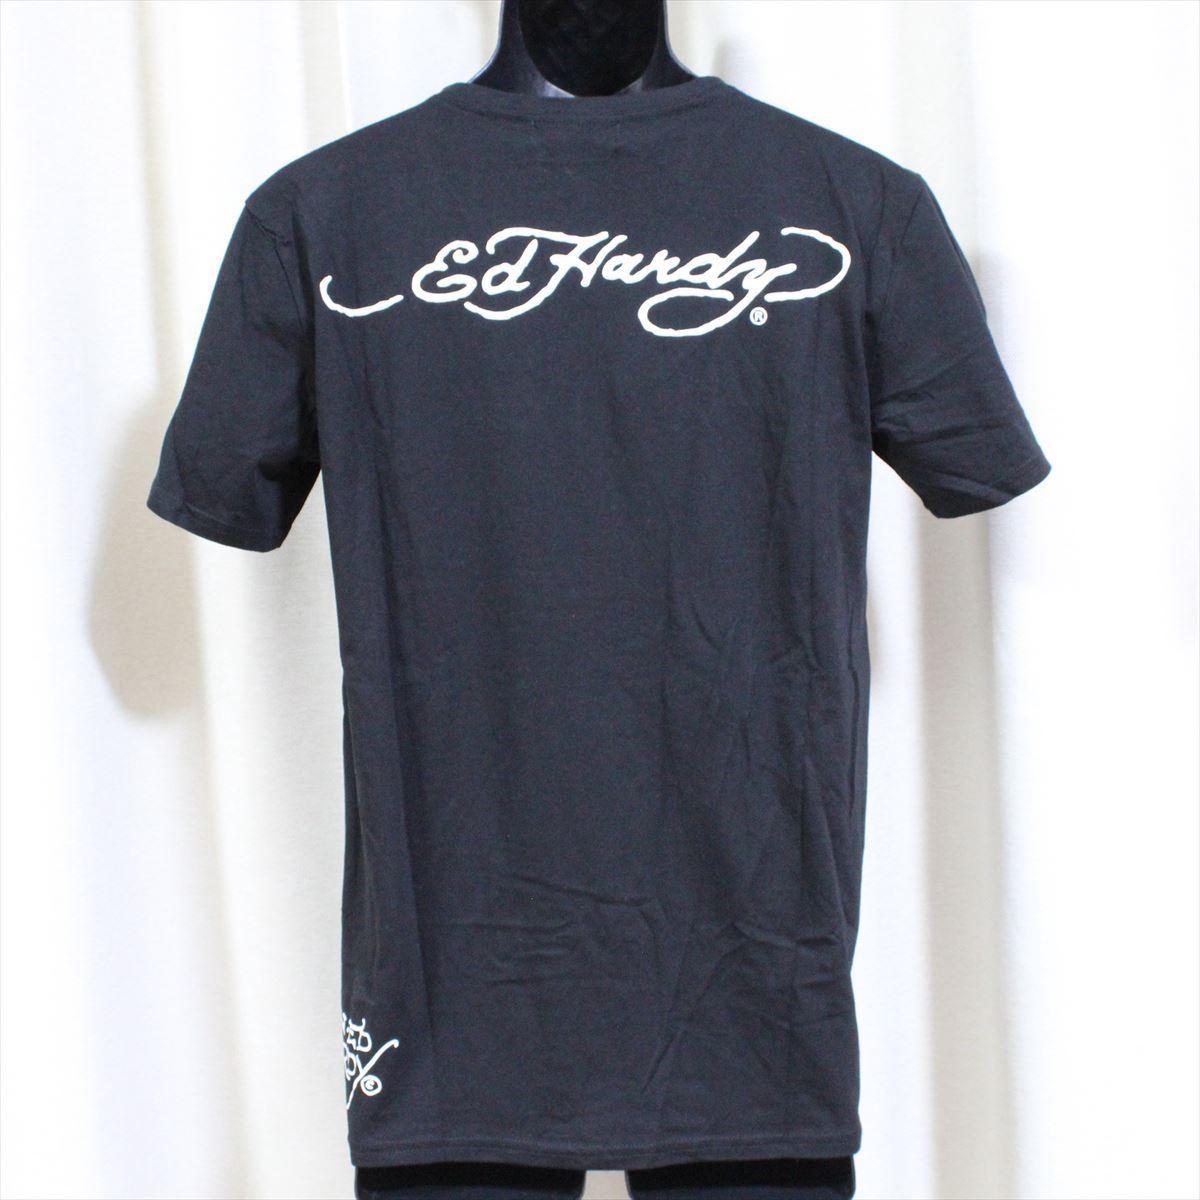 エドハーディー ED HARDY メンズ半袖Tシャツ ブラック Lサイズ M02CMVUS052 新品 U.S.A_画像3